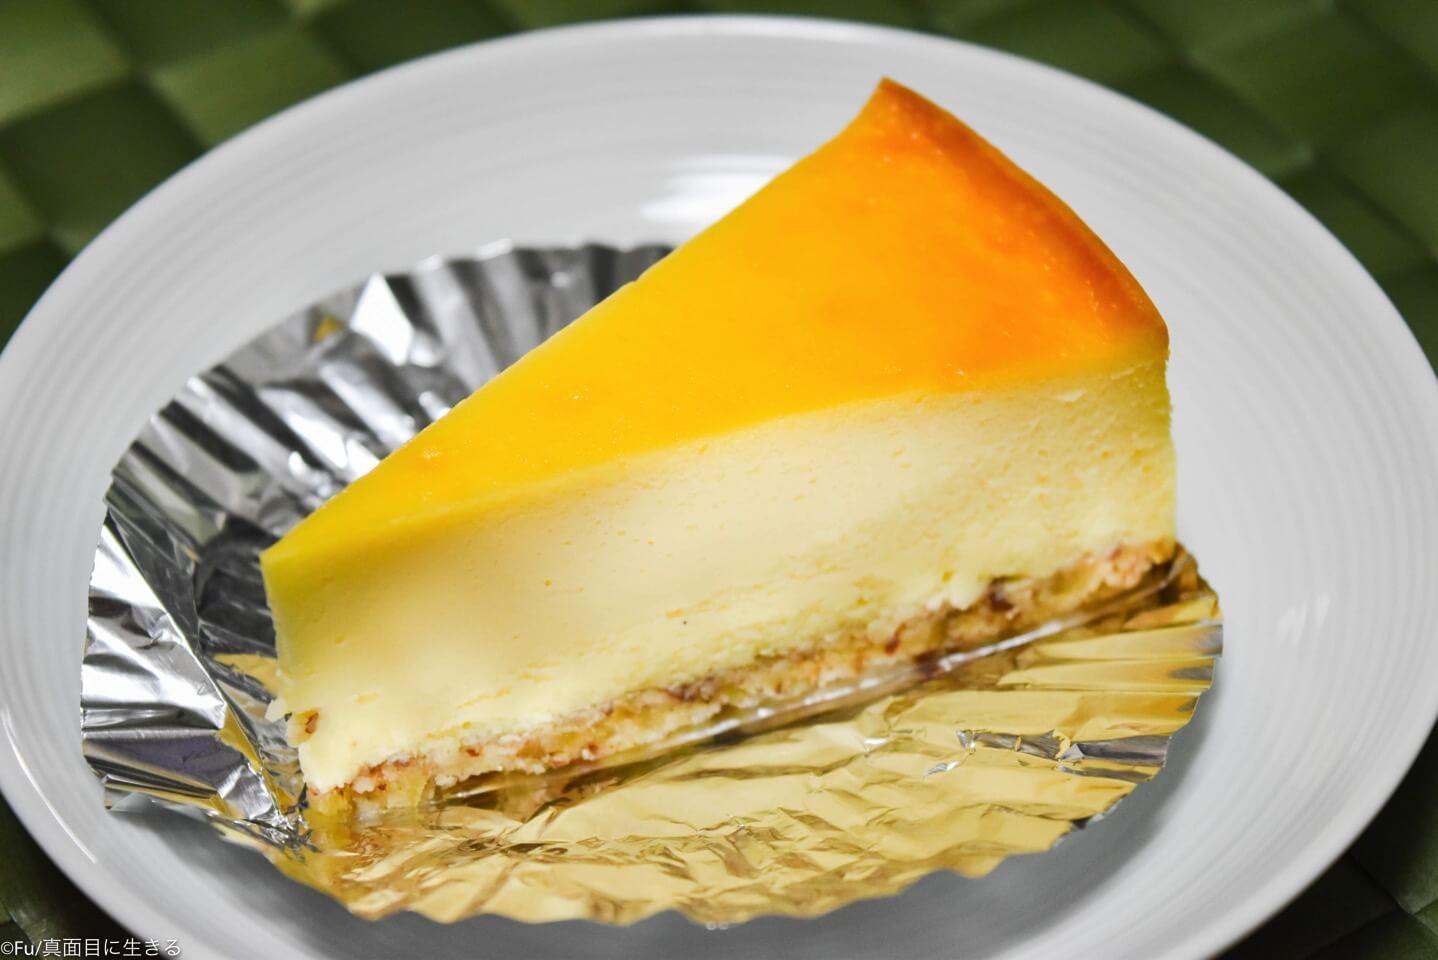 アフターアワーズのチーズケーキ